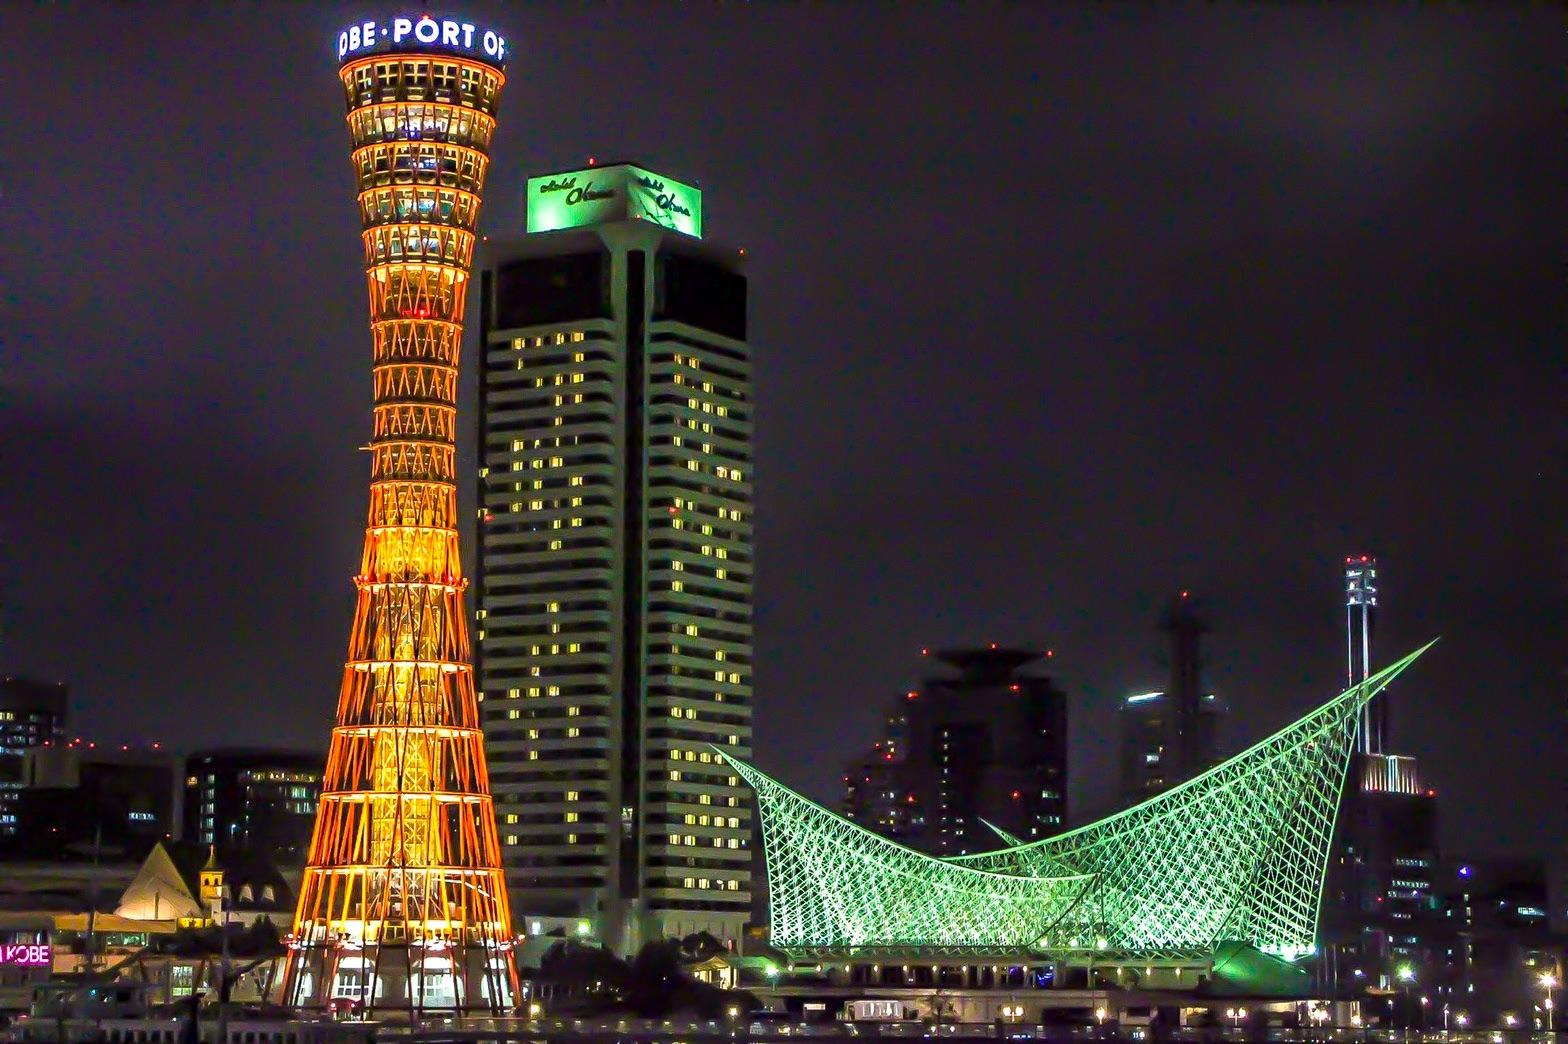 モザイクから見るポートタワーの夜景